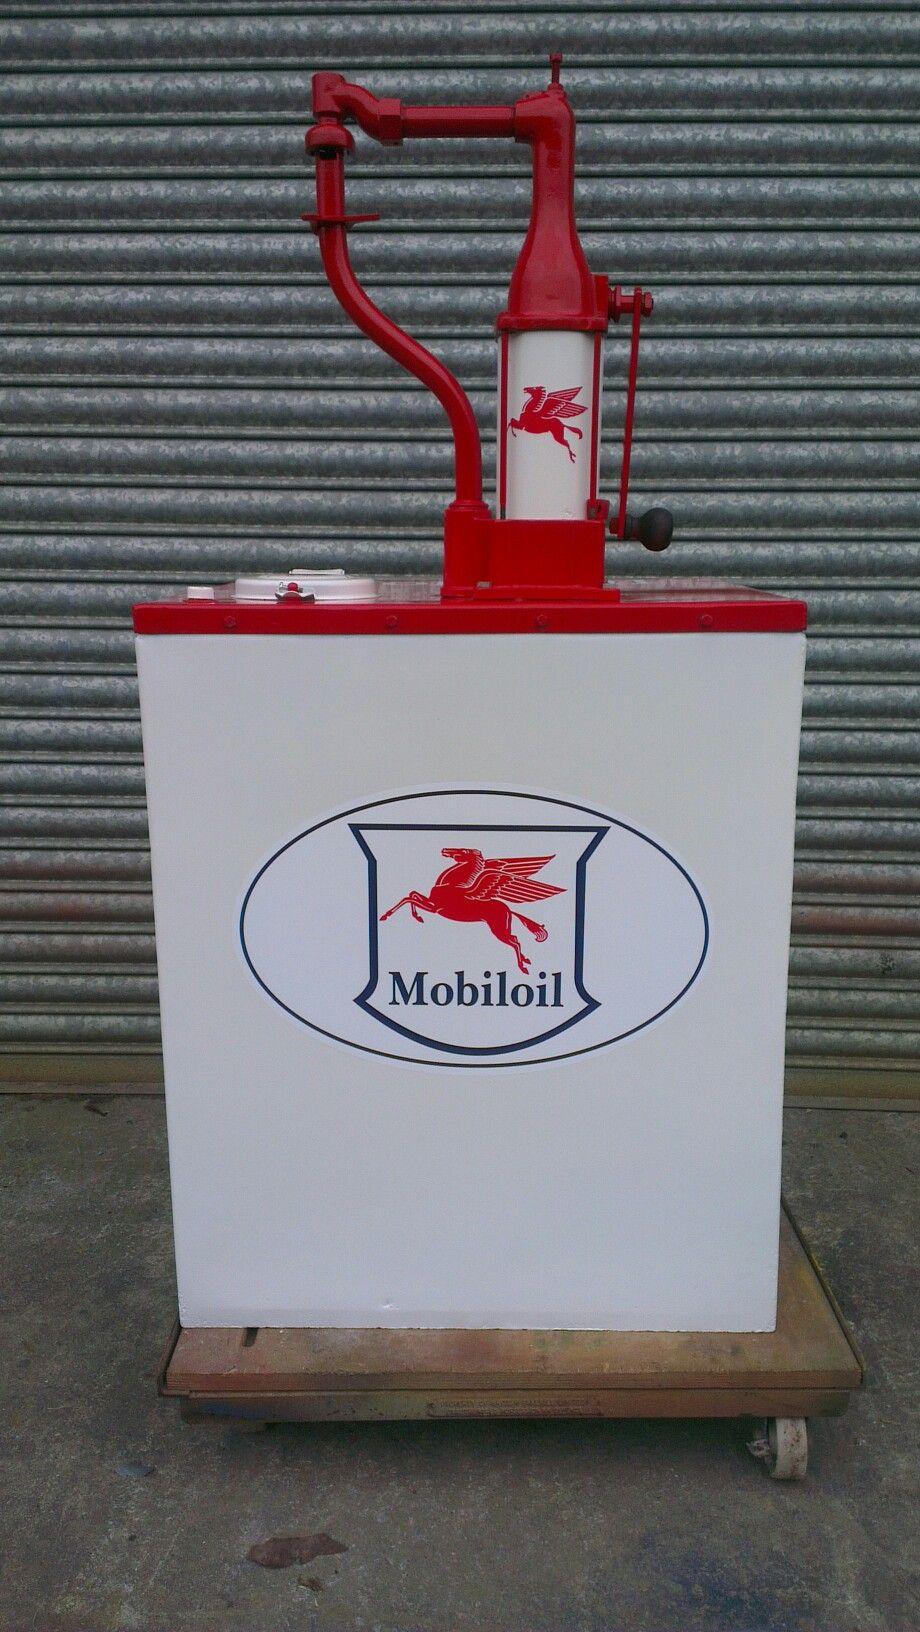 Mobiloil Garage Forecourt Oil Dispenser Motor Oil Vintage Old Gas Pumps Vintage Gas Pumps